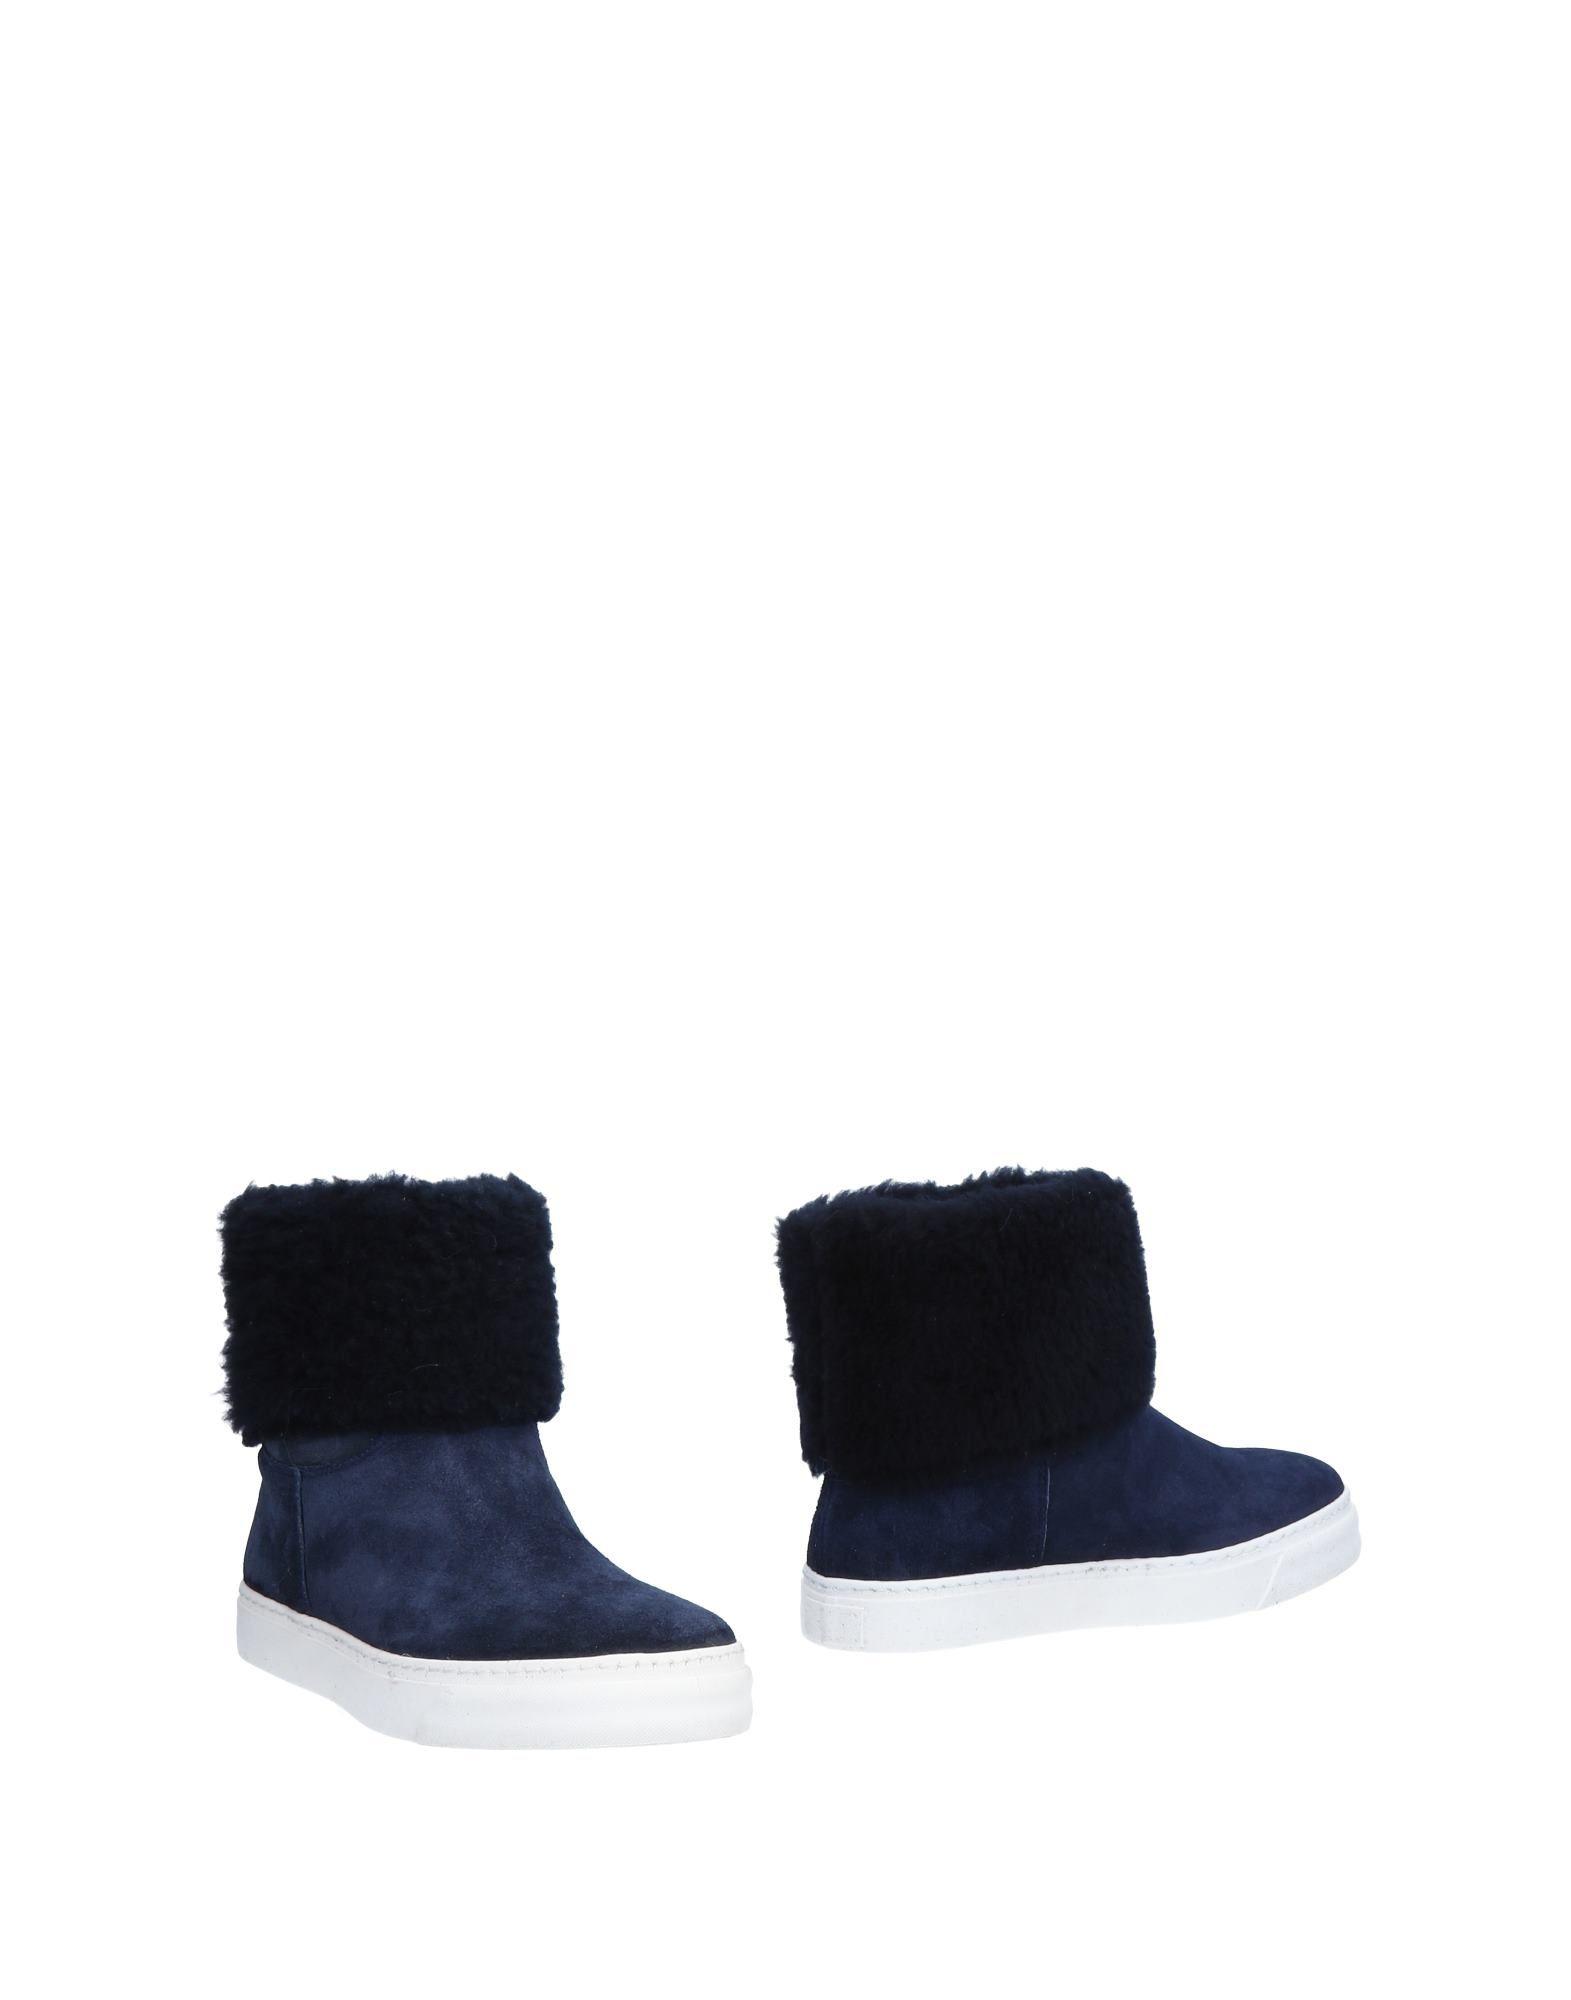 Stilvolle Joyks billige Schuhe Joyks Stilvolle Stiefelette Damen  44897759NA 76ef2c